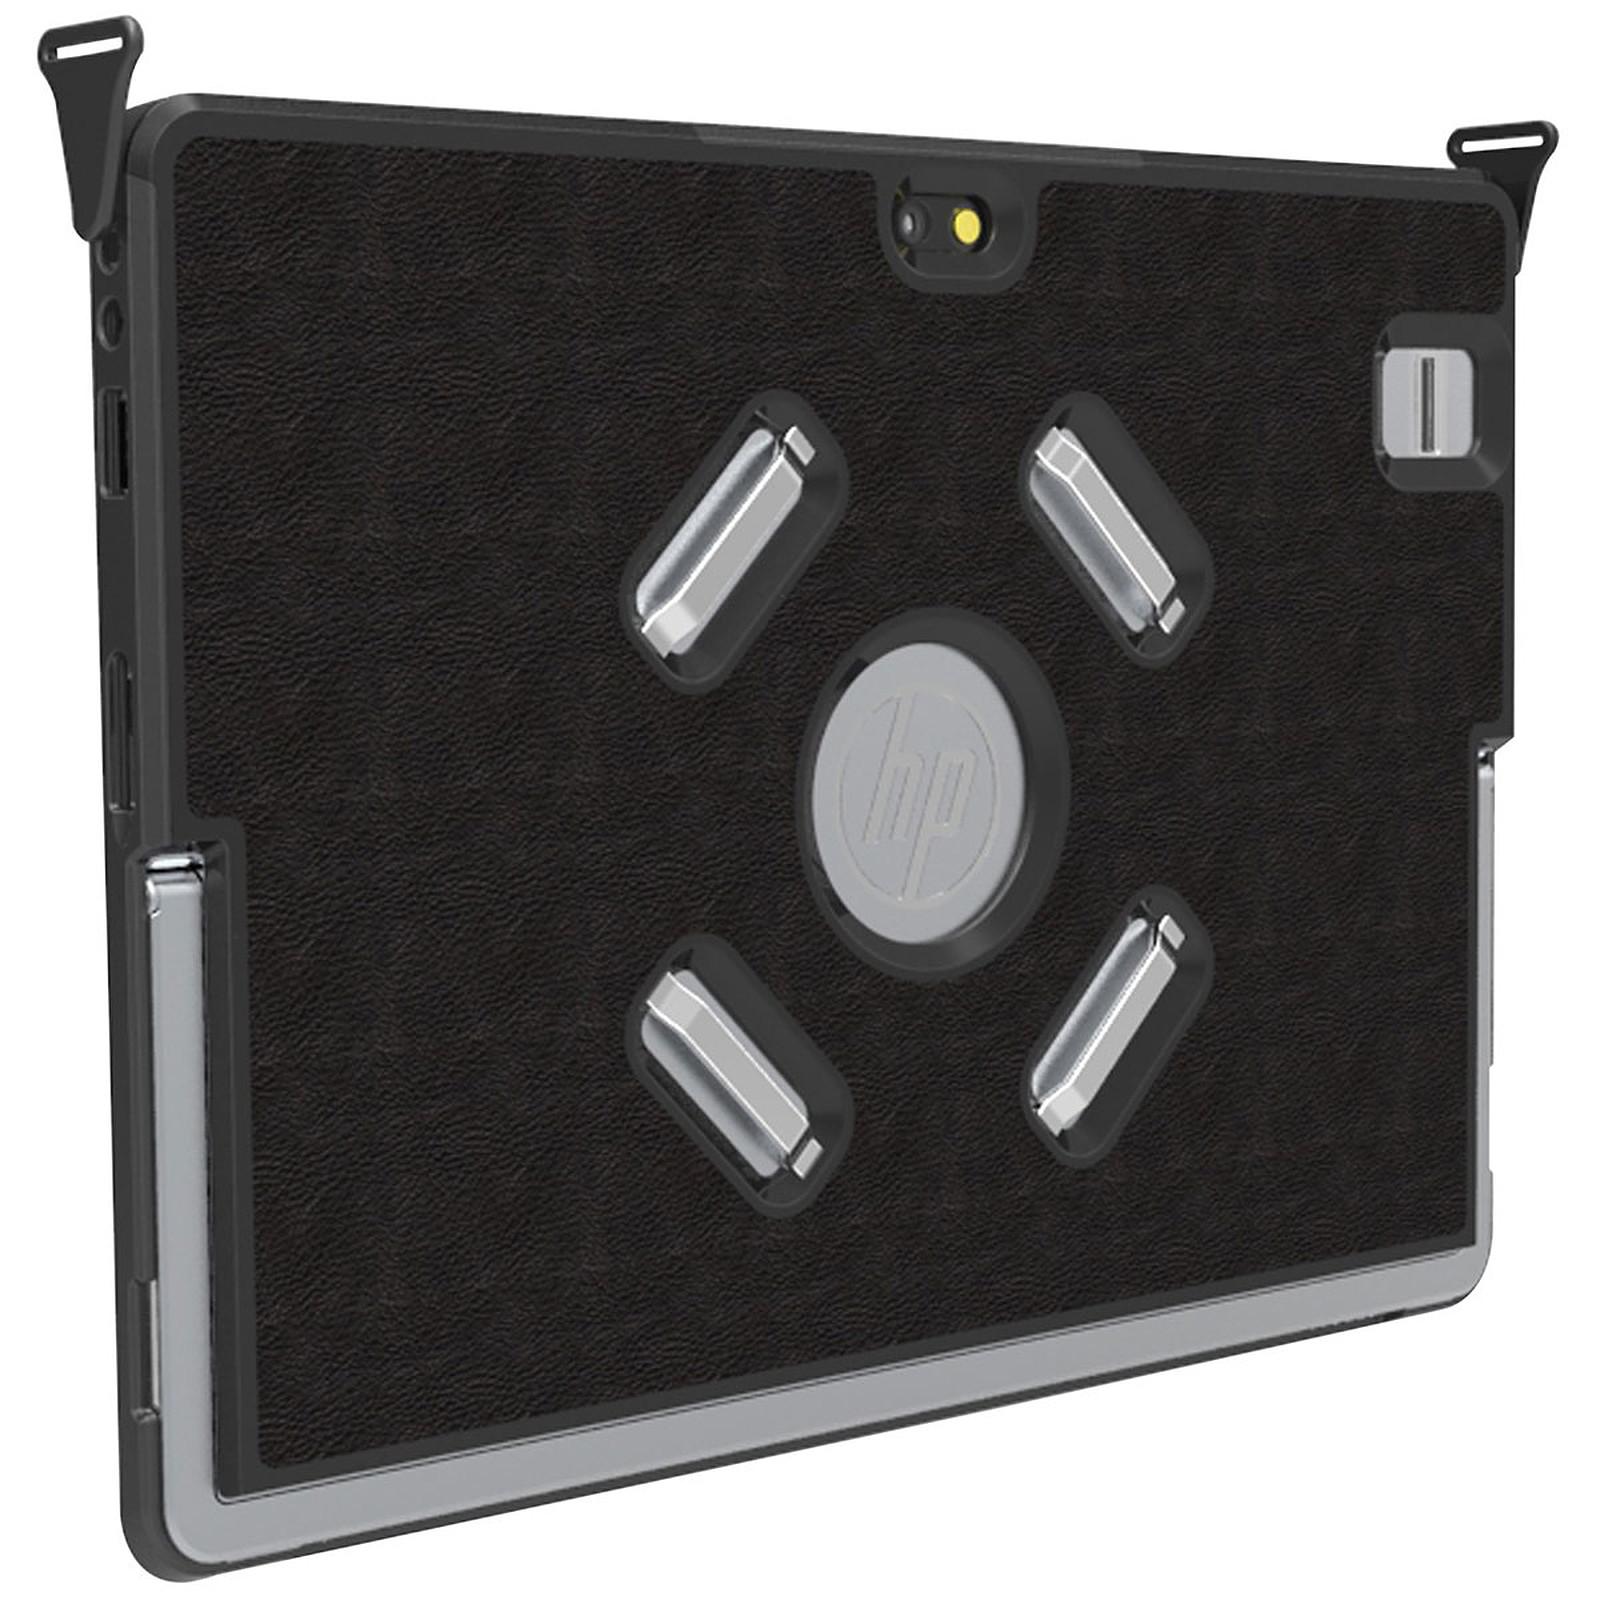 HP Elite x2 1012 Protective Case